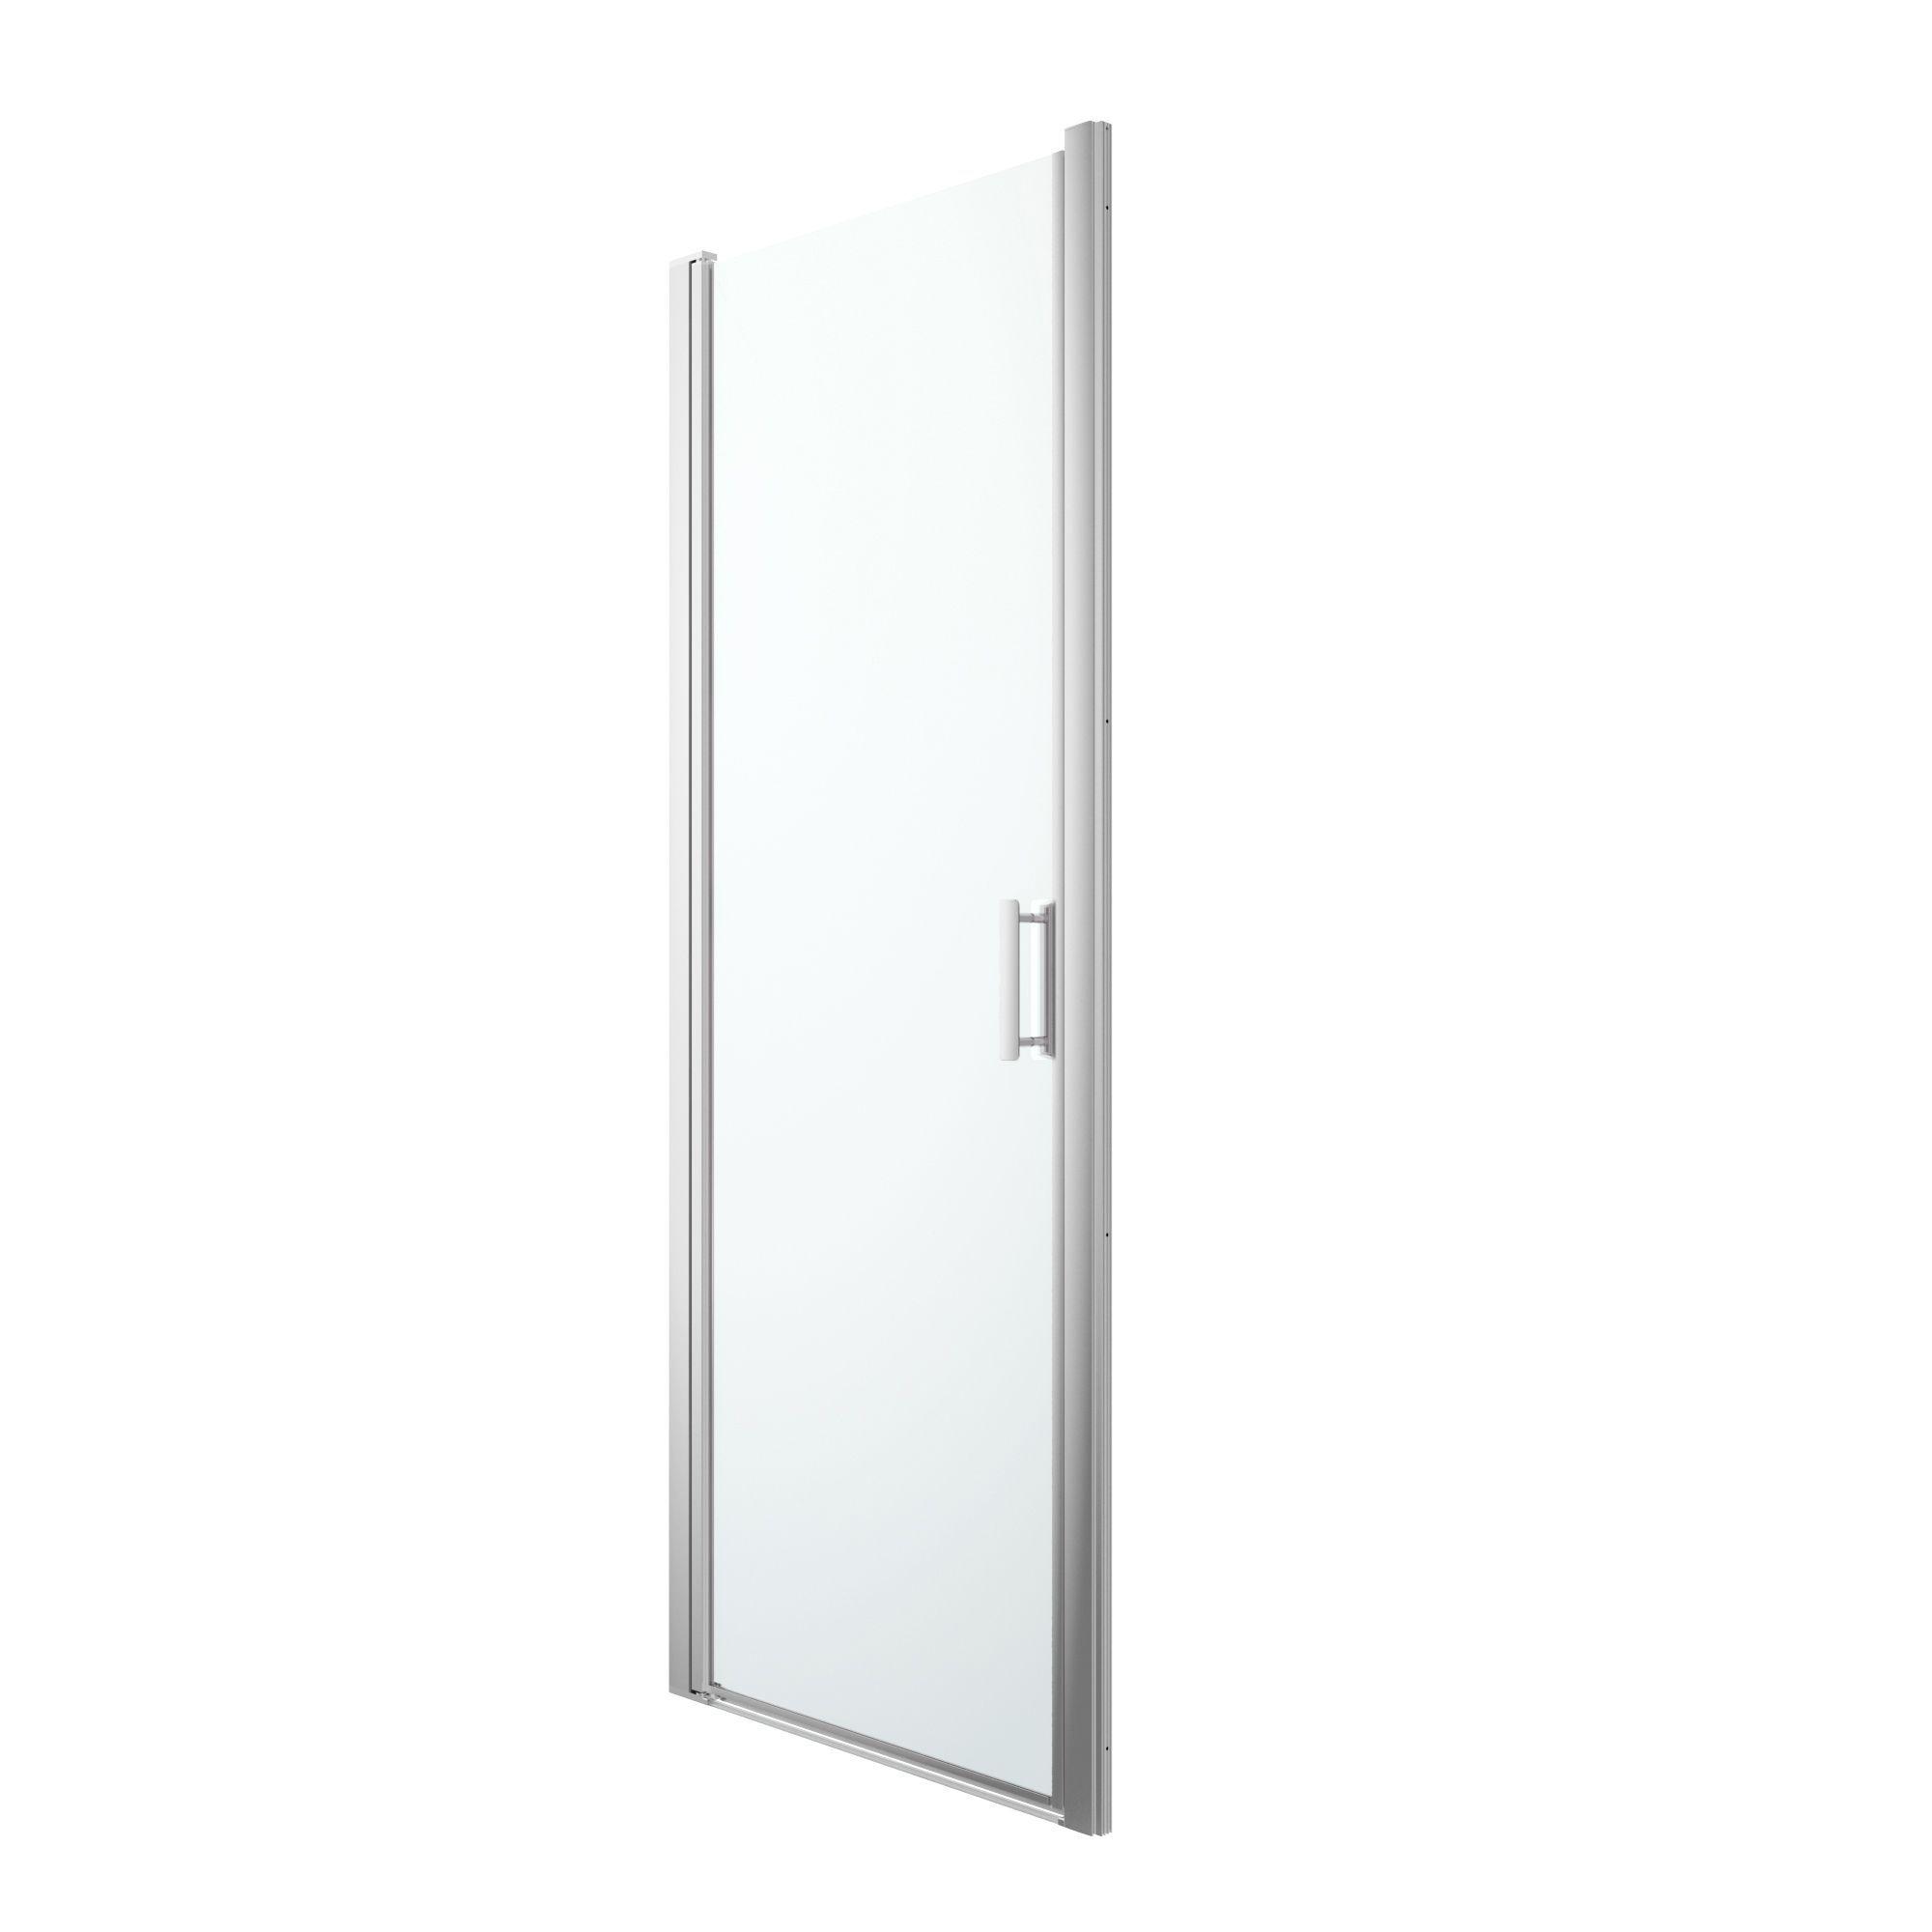 Goodhome Beloya Reversible Pivot Door Shower Door W 760mm Departments Diy At B Q